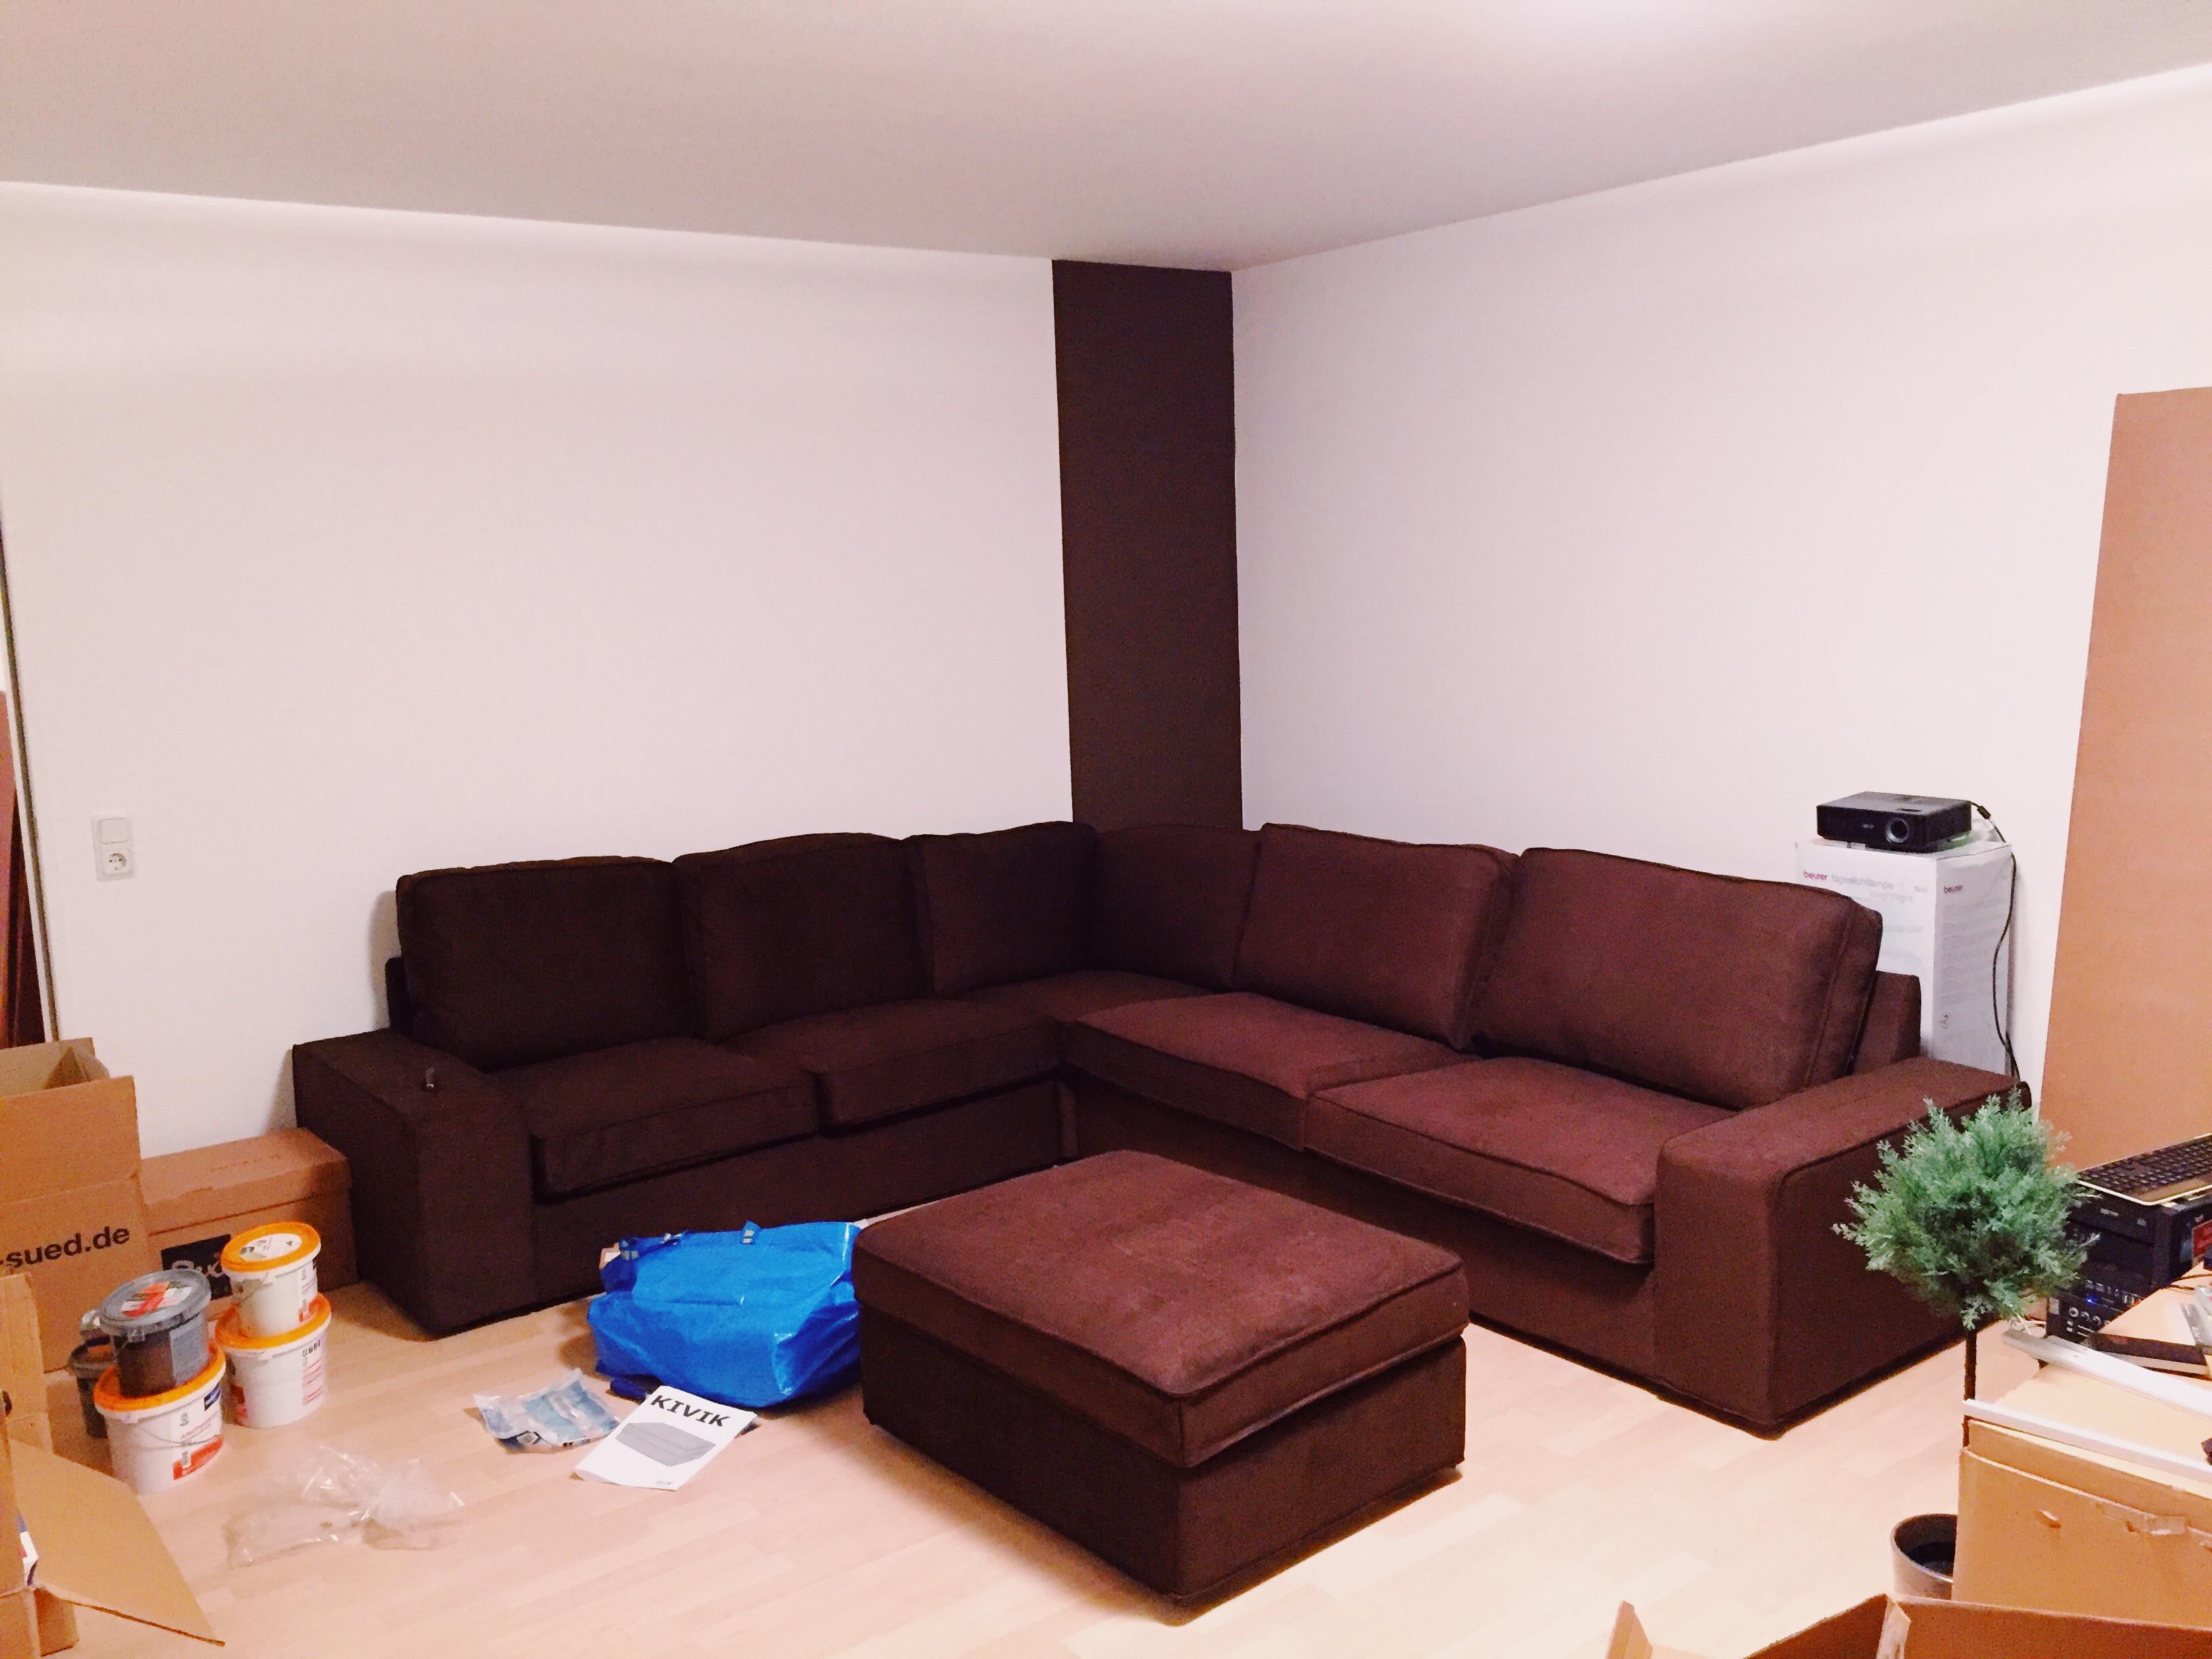 Wohnung mit unaufgebauten Möbeln während Umzug